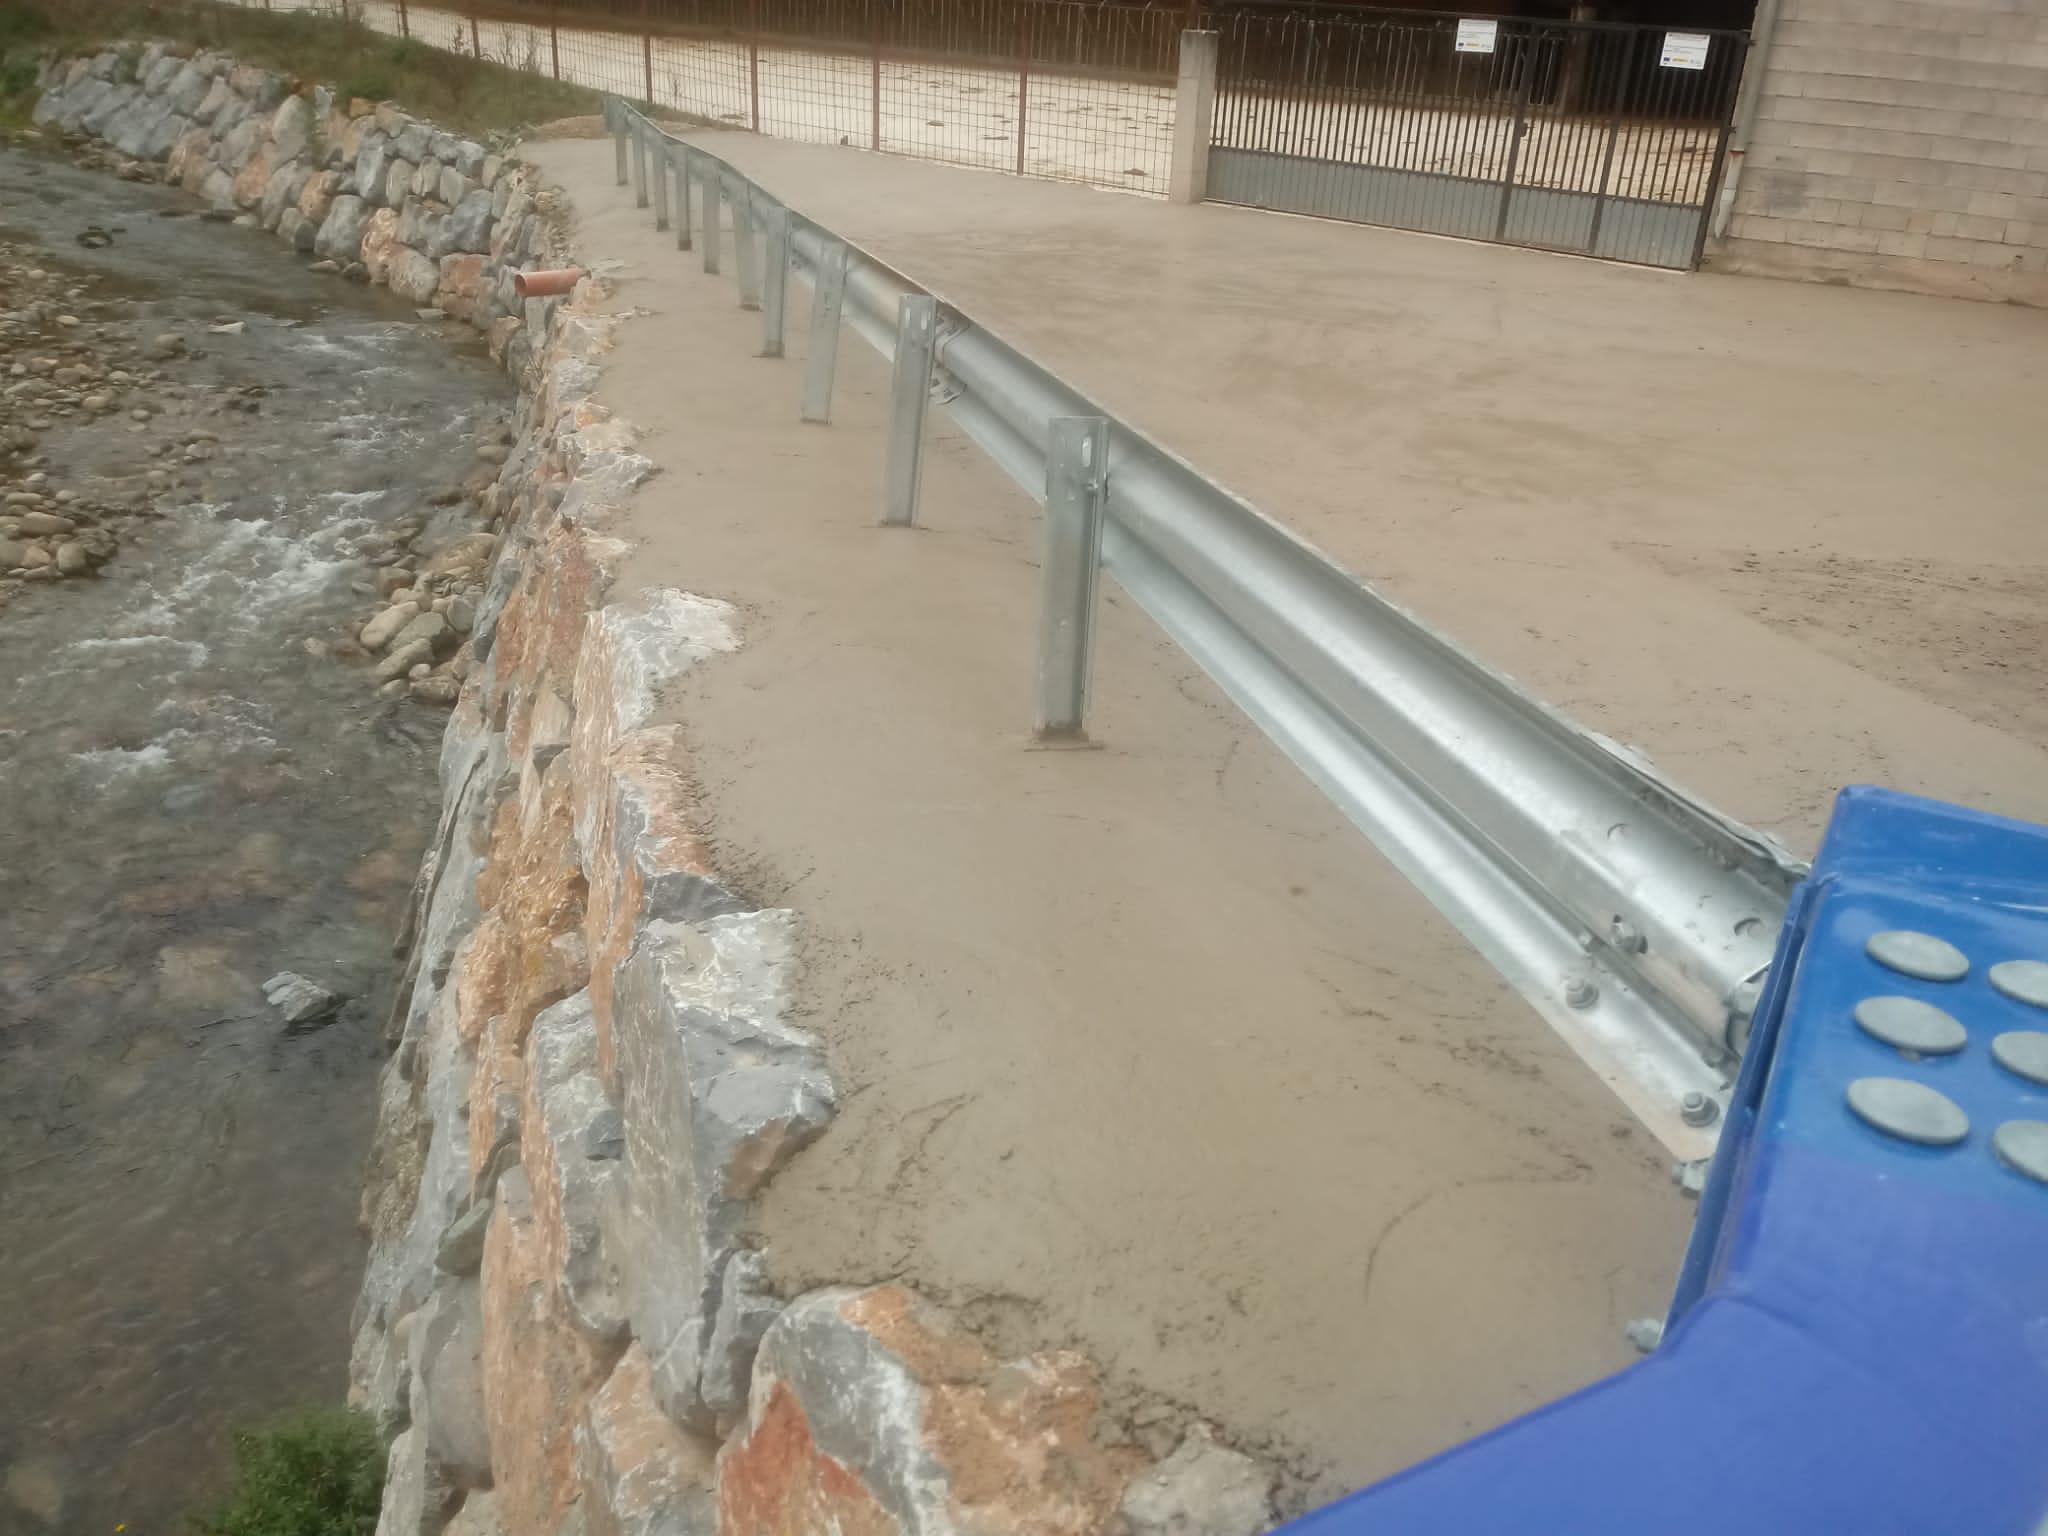 La Rioja mejora los accesos al puente sobre el Urbión en Viniegra de Abajo para facilitar el tránsito a explotaciones ganaderas y forestales 2